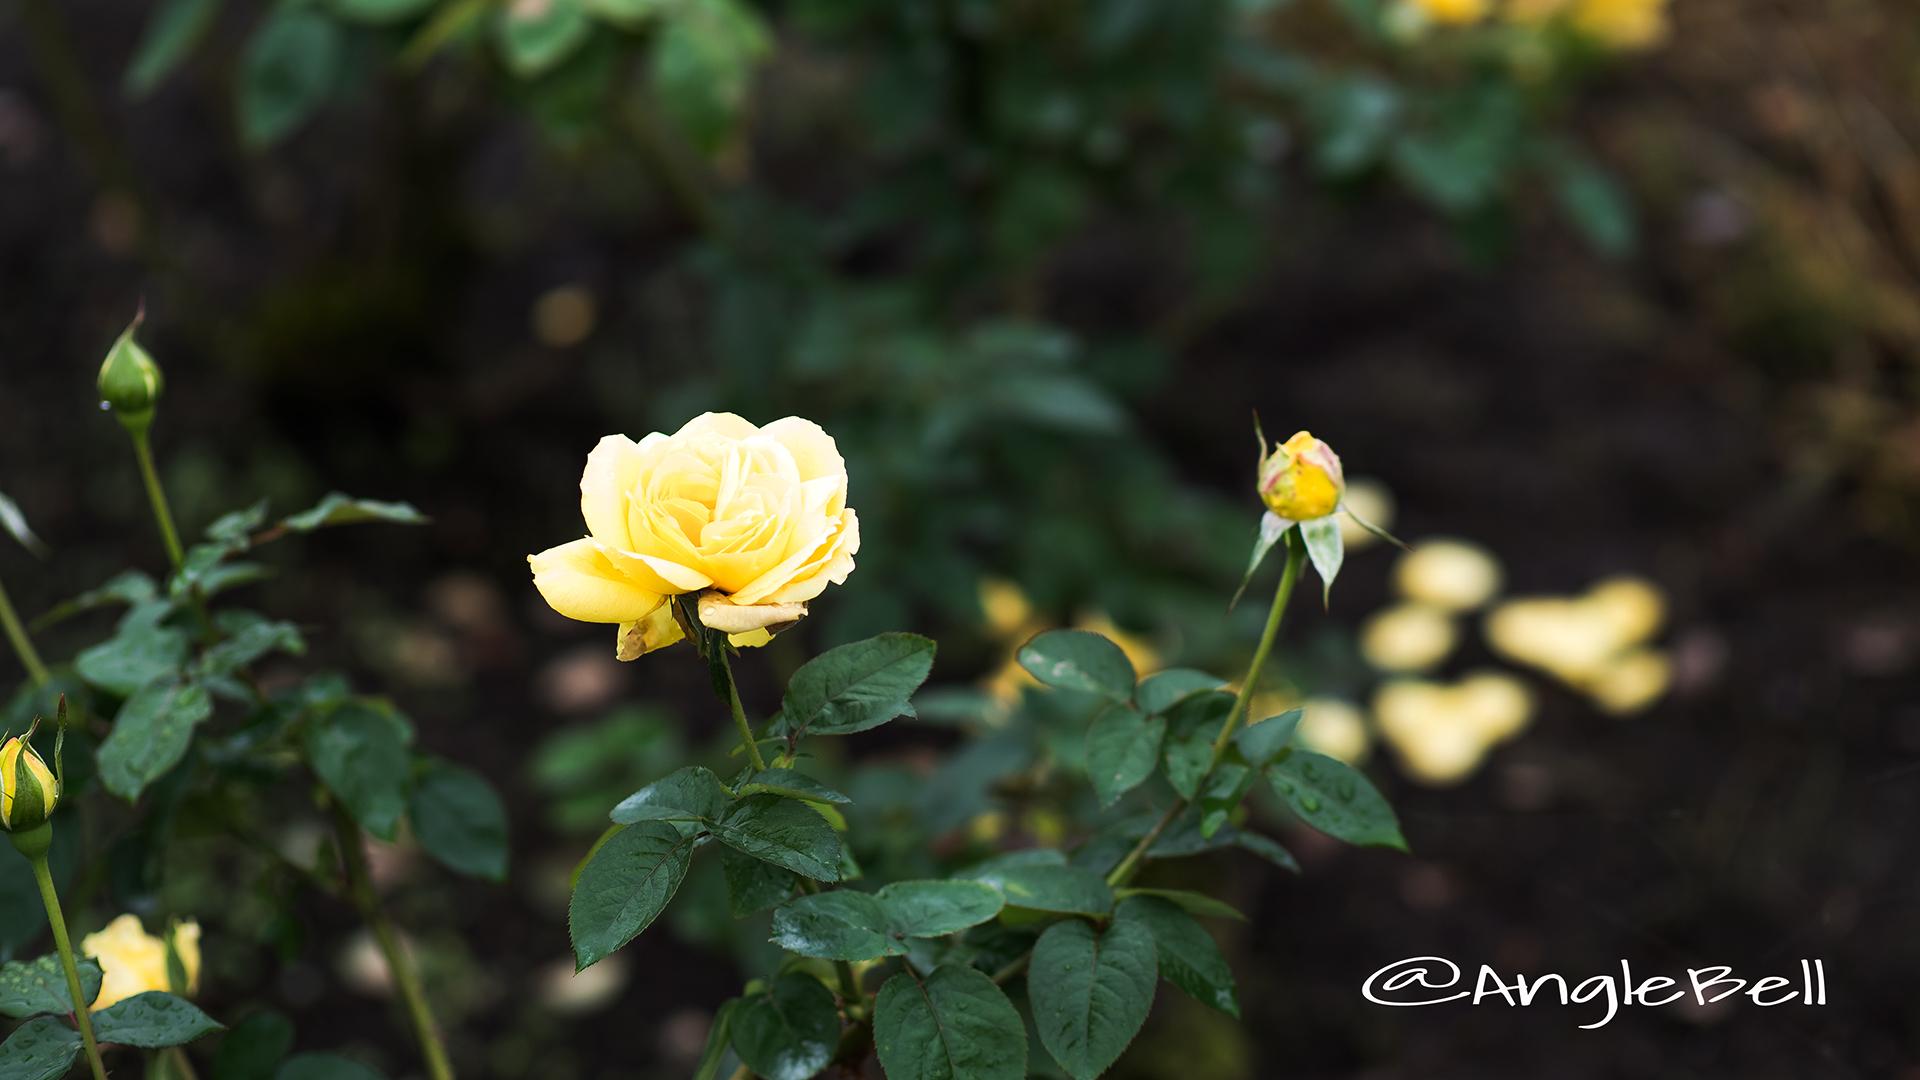 星光 Flower Photo3